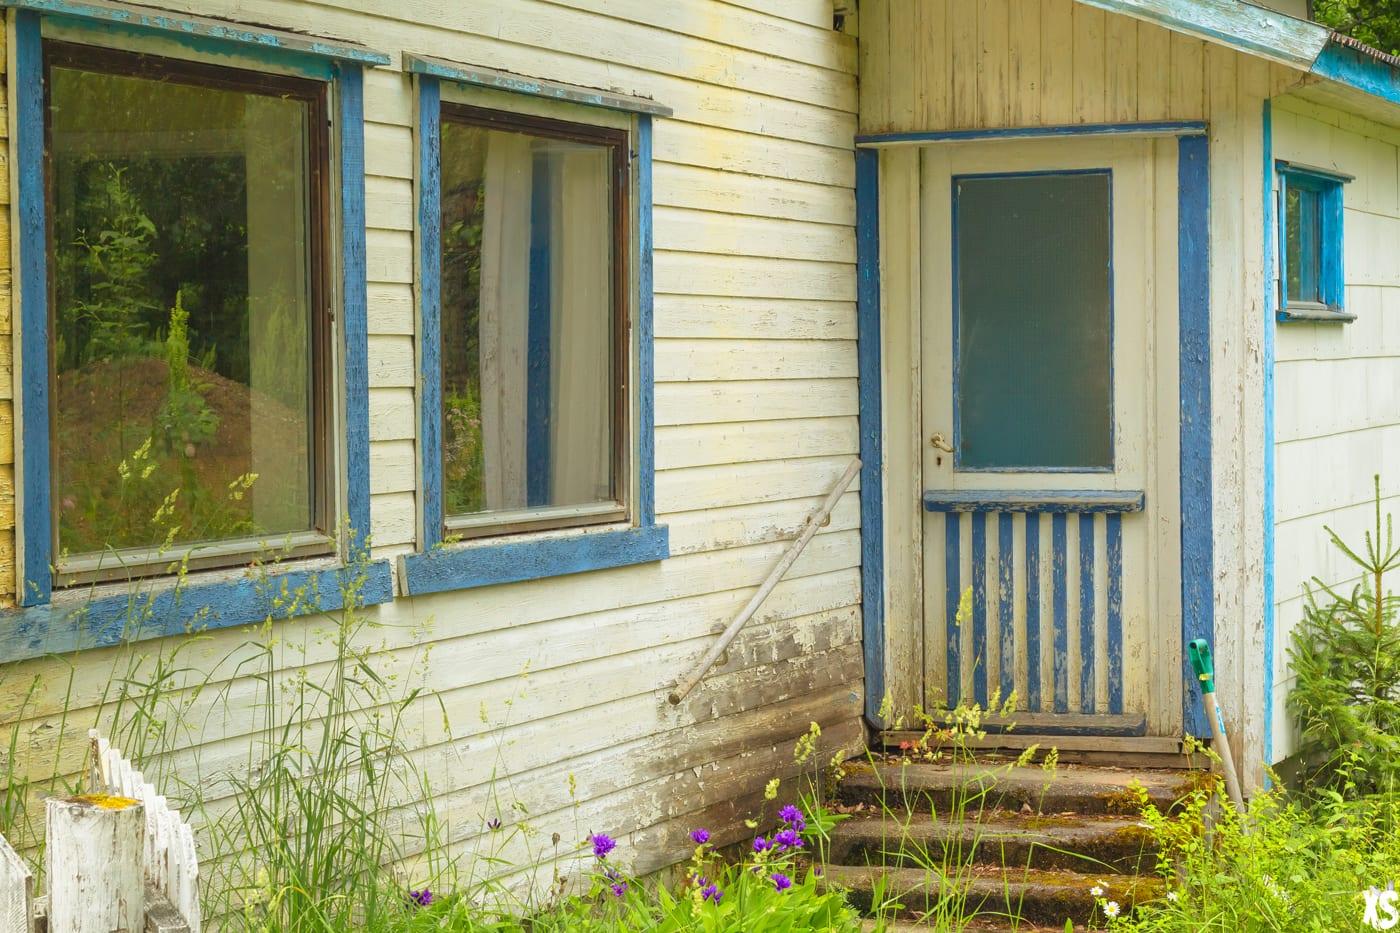 Maison abandonnée en Norvège - Urbex